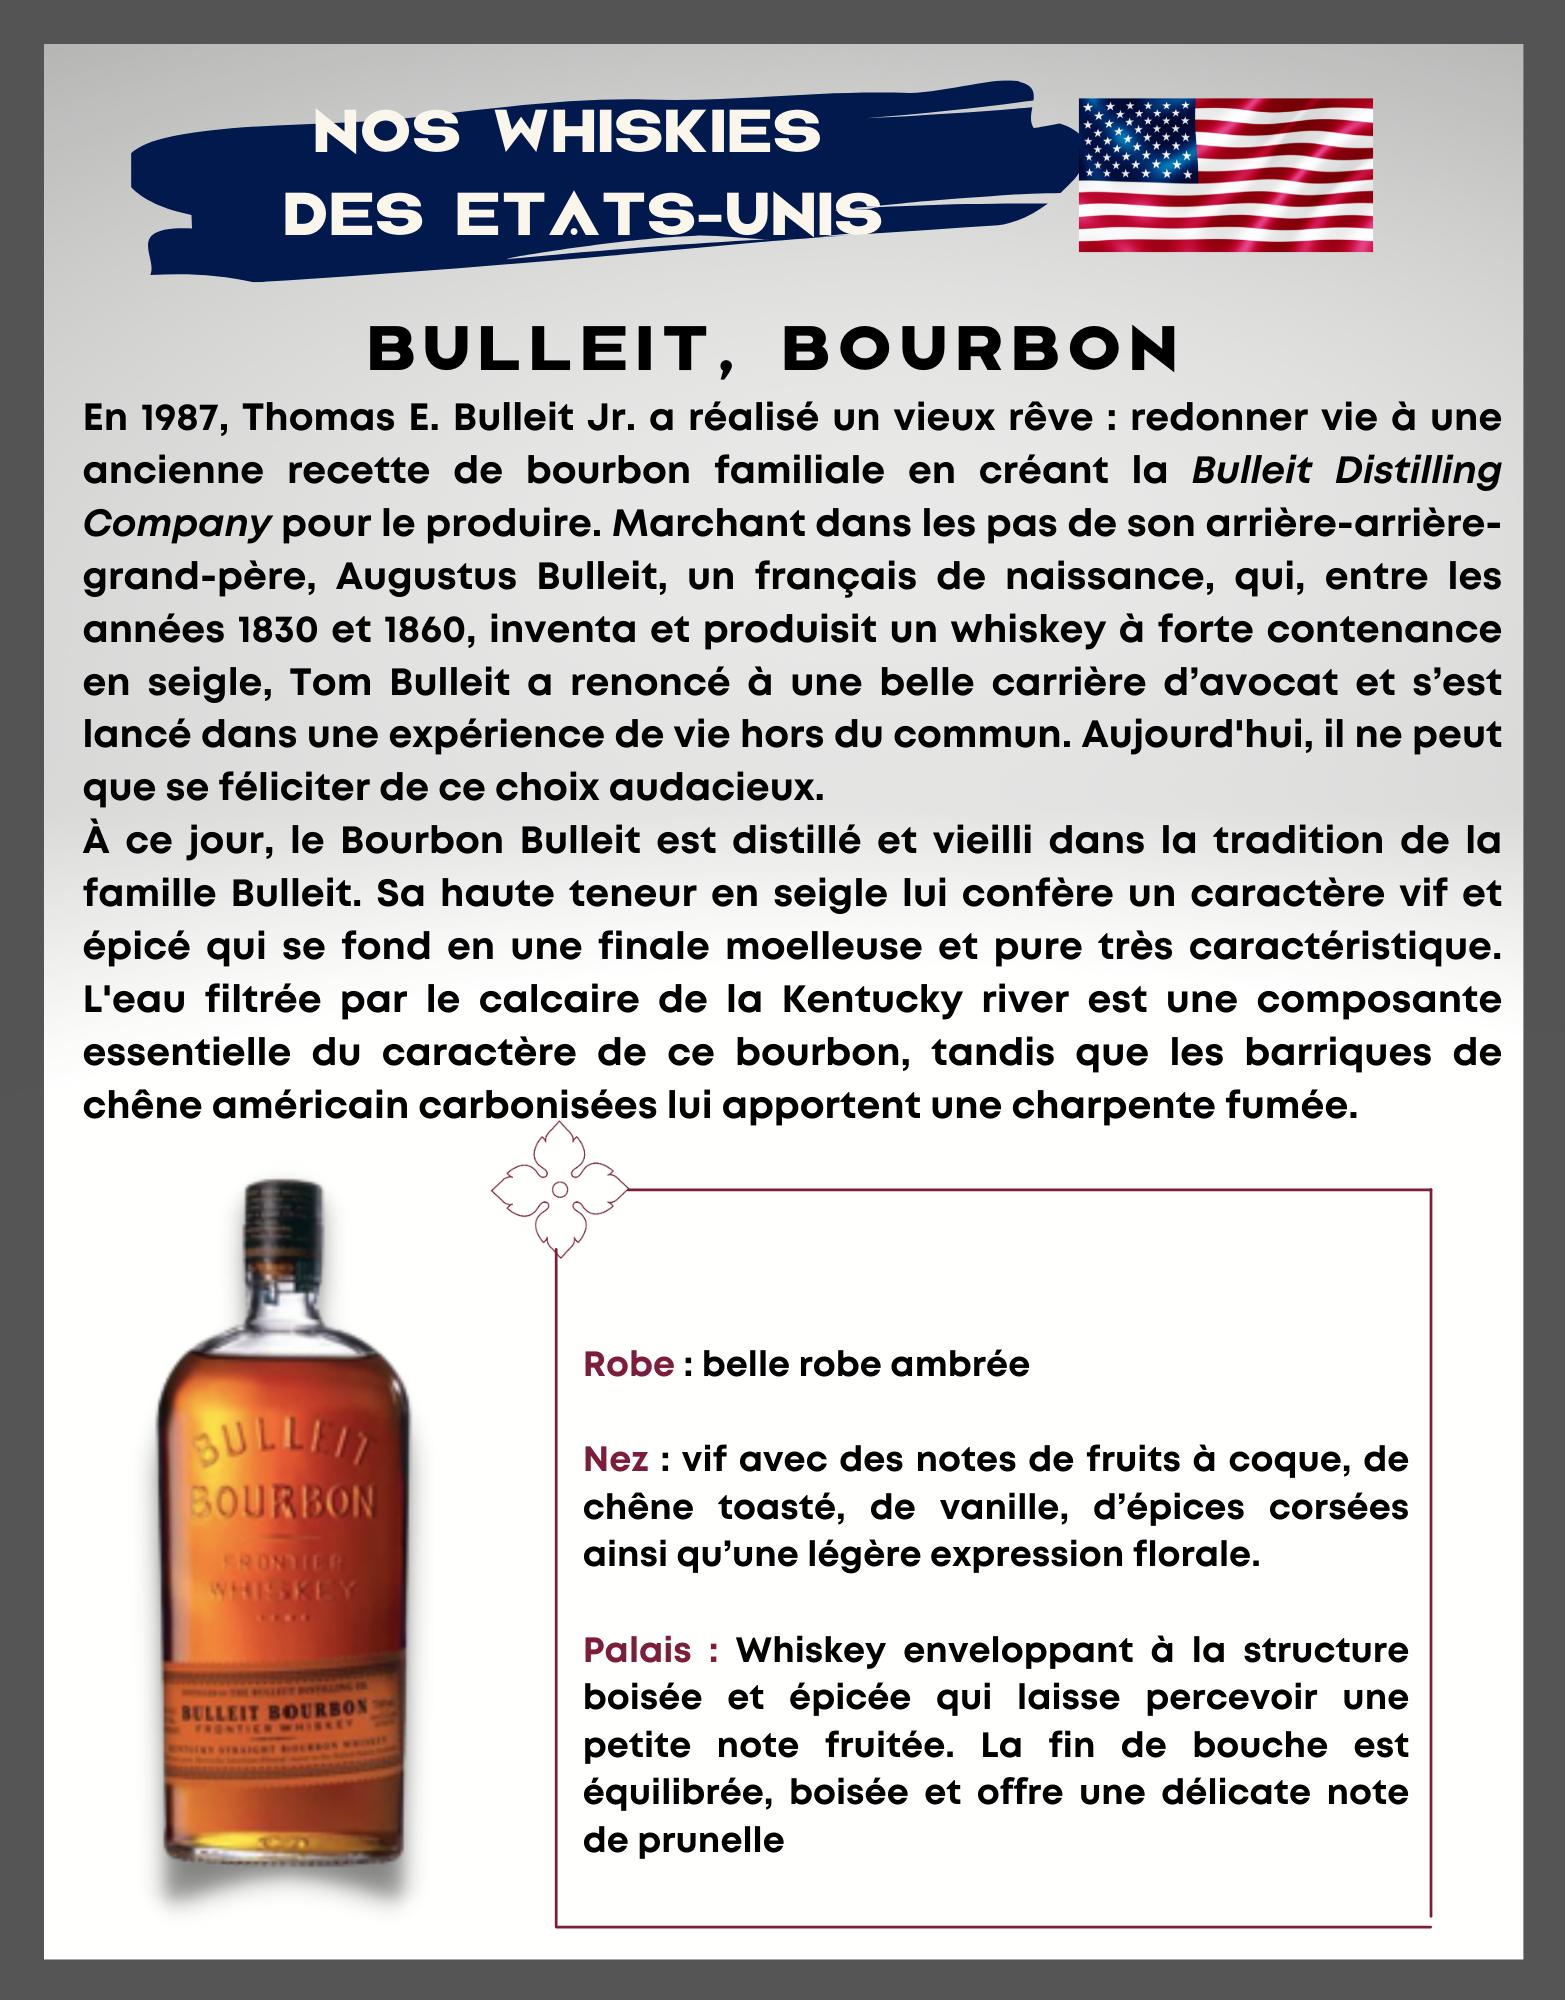 BULLEIT, Bourbon